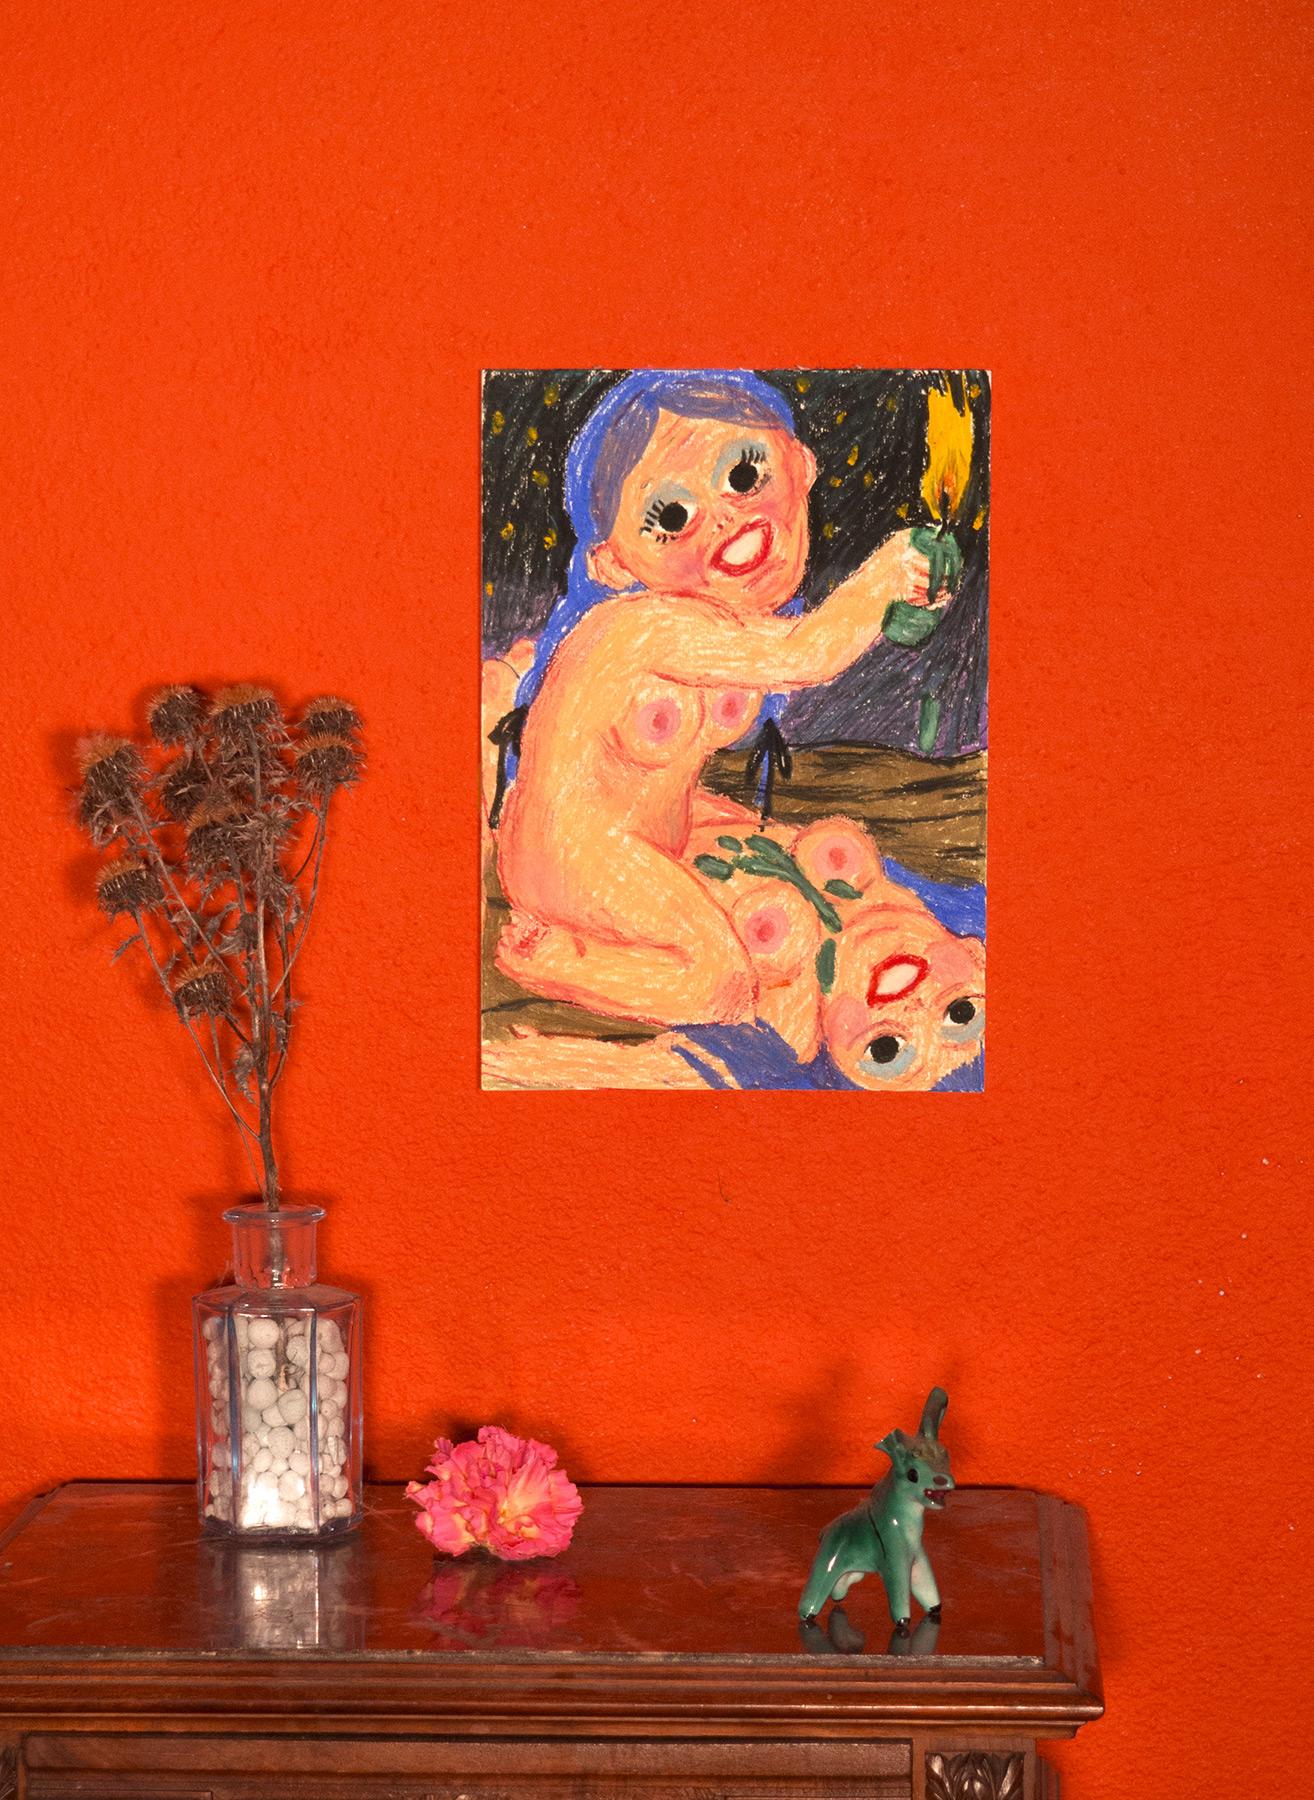 kunsttryk, gicleé, farverige, figurative, illustrative, portræt, kroppe, humor, stemninger, natur, religion, vilde-dyr, beige, sorte, blå, brune, røde, papir, olie, sjove, dansk, design, erotiske, kvindelig, feminist, interiør, bolig-indretning, natteliv, nordisk, nøgen, skandinavisk, seksuel, underlig, kvinder, Køb original kunst og kunstplakater. Malerier, tegninger, limited edition kunsttryk & plakater af dygtige kunstnere.